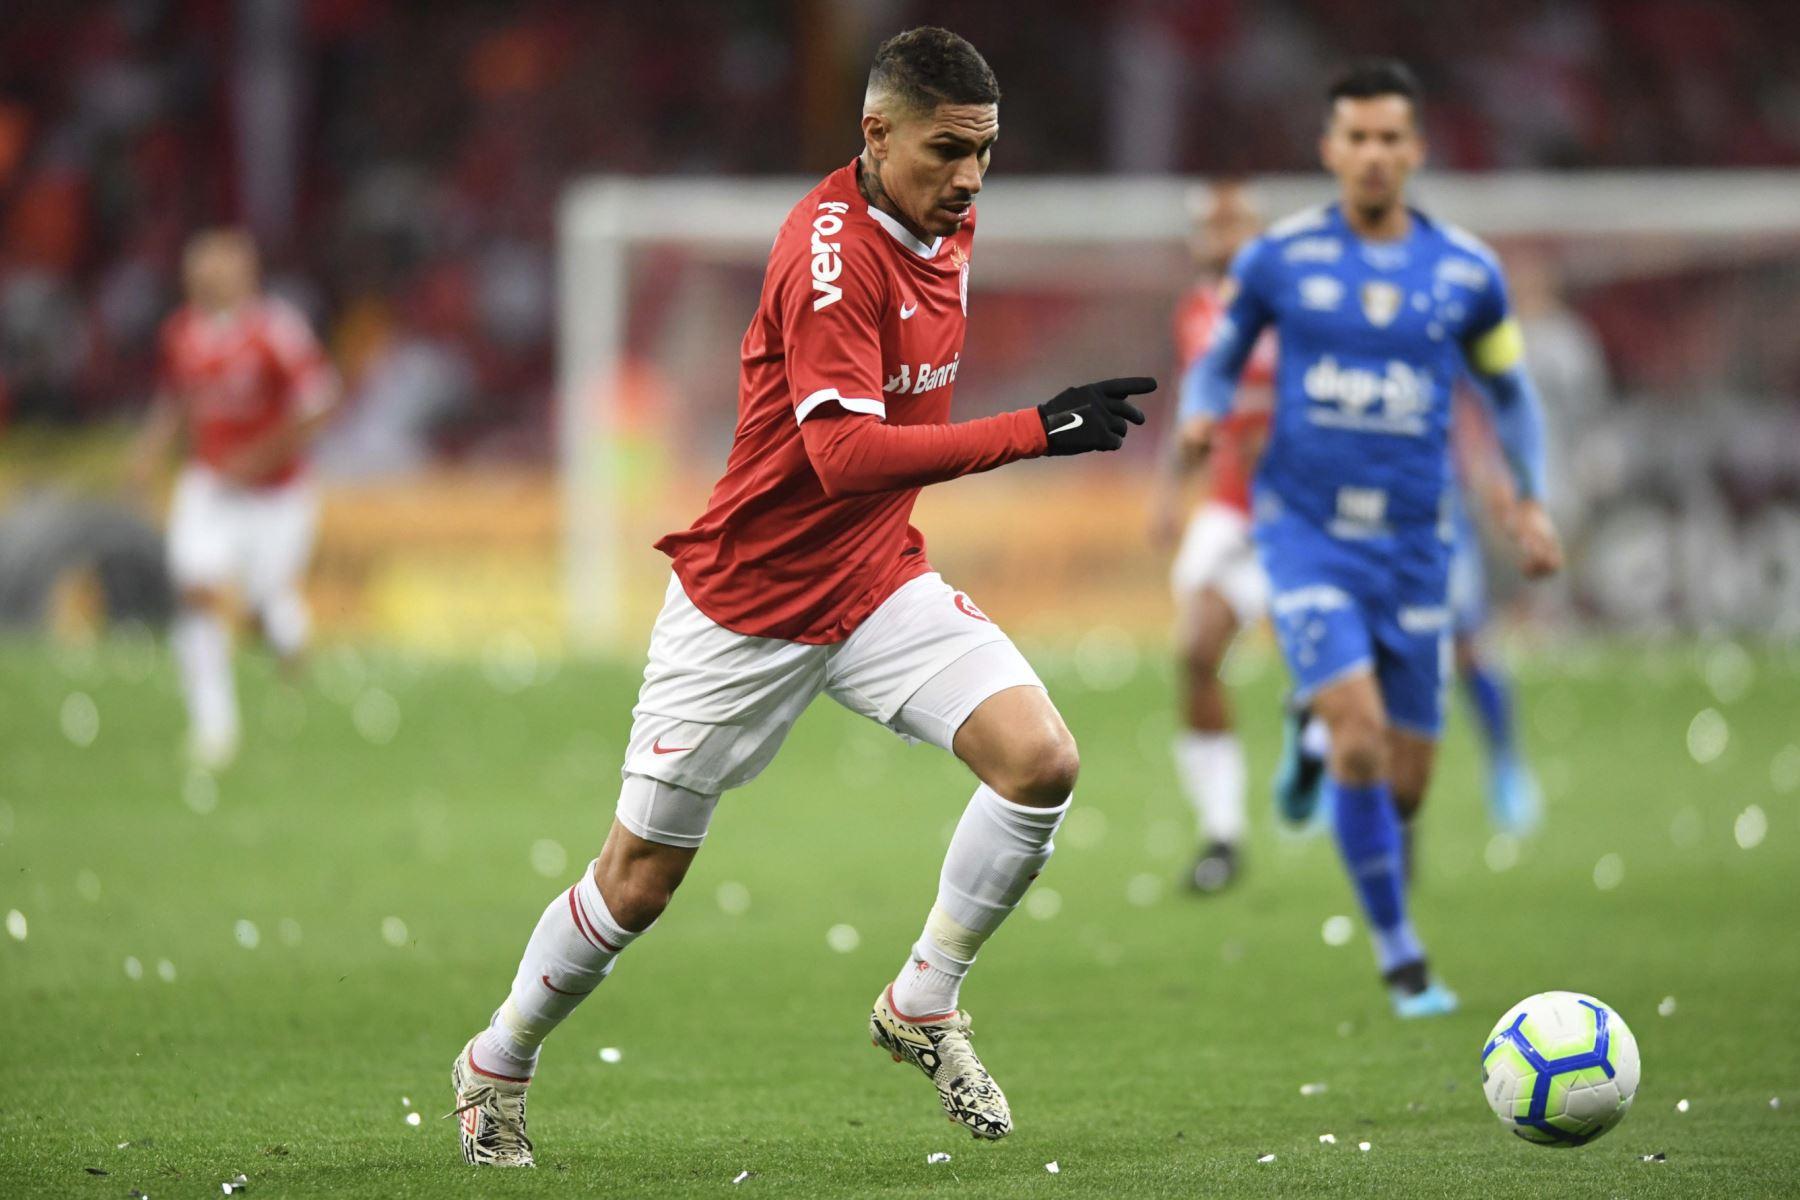 Con doblete de Paolo Guerrero, el Internacional FC ganó 3-0 al Cruzeiro en la semifinal de la Copa Brasileña. Foto:Internacional FC.